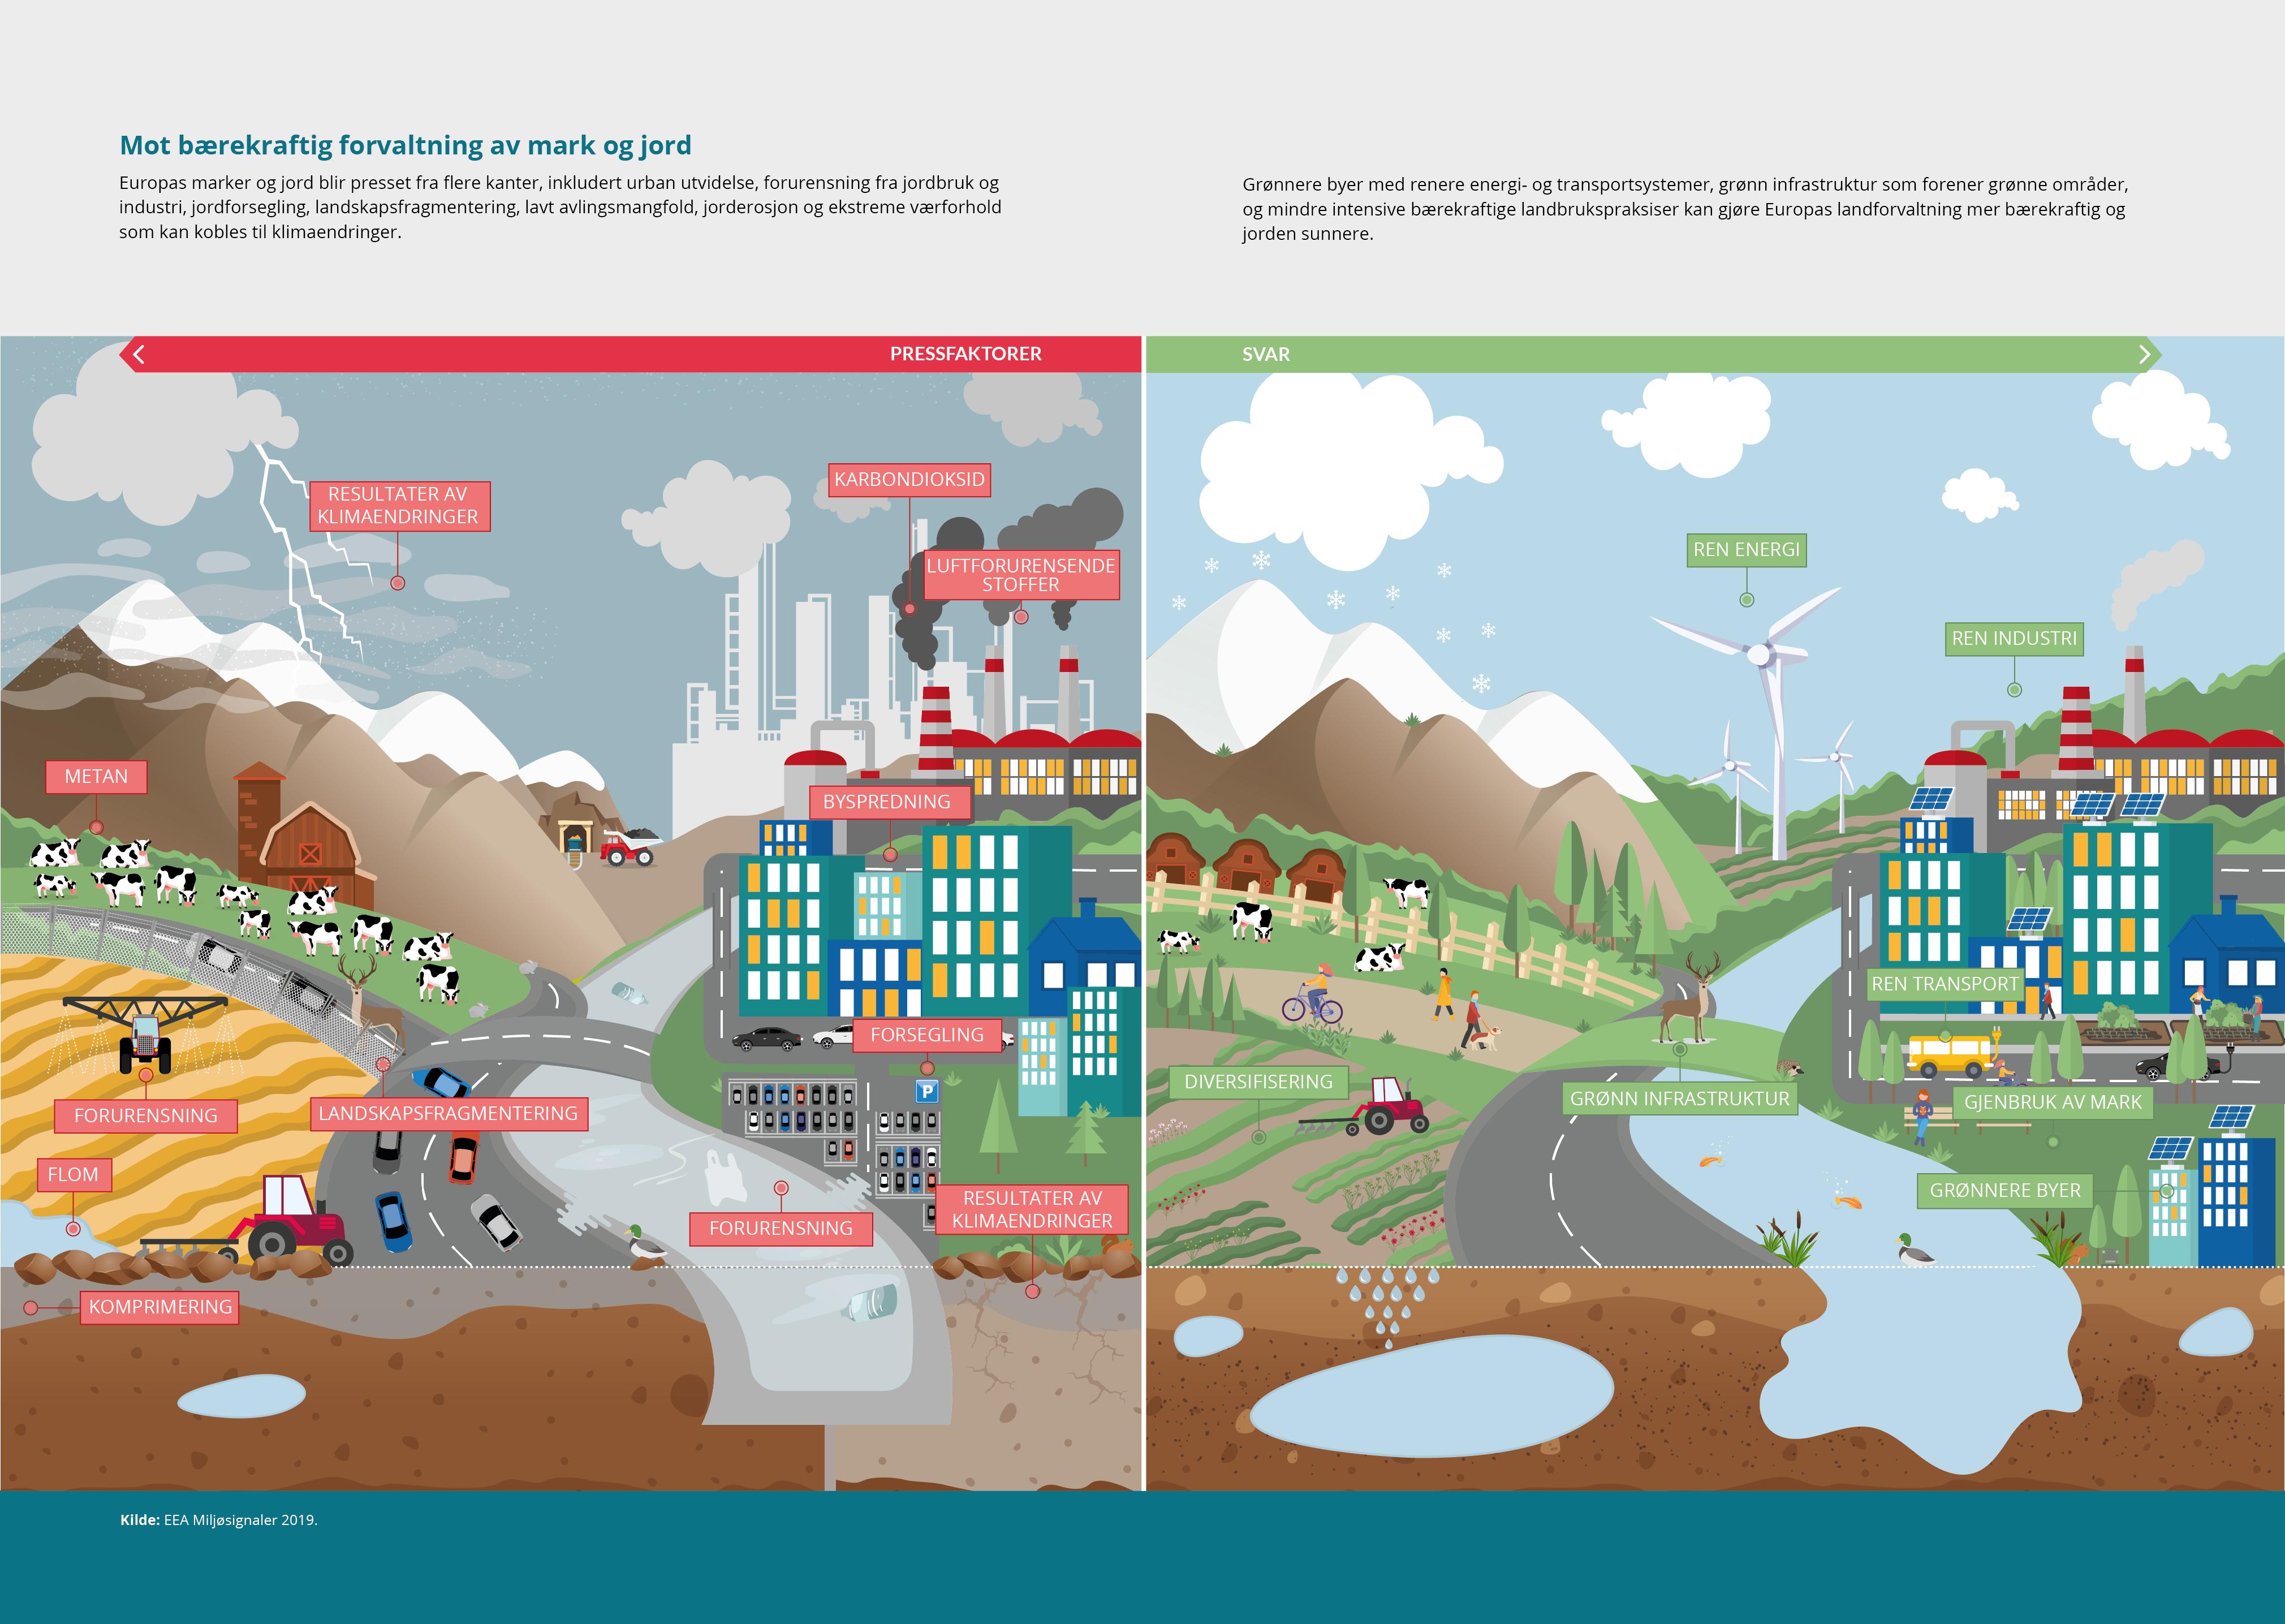 Mot bærekraftig forvaltning av mark og jord